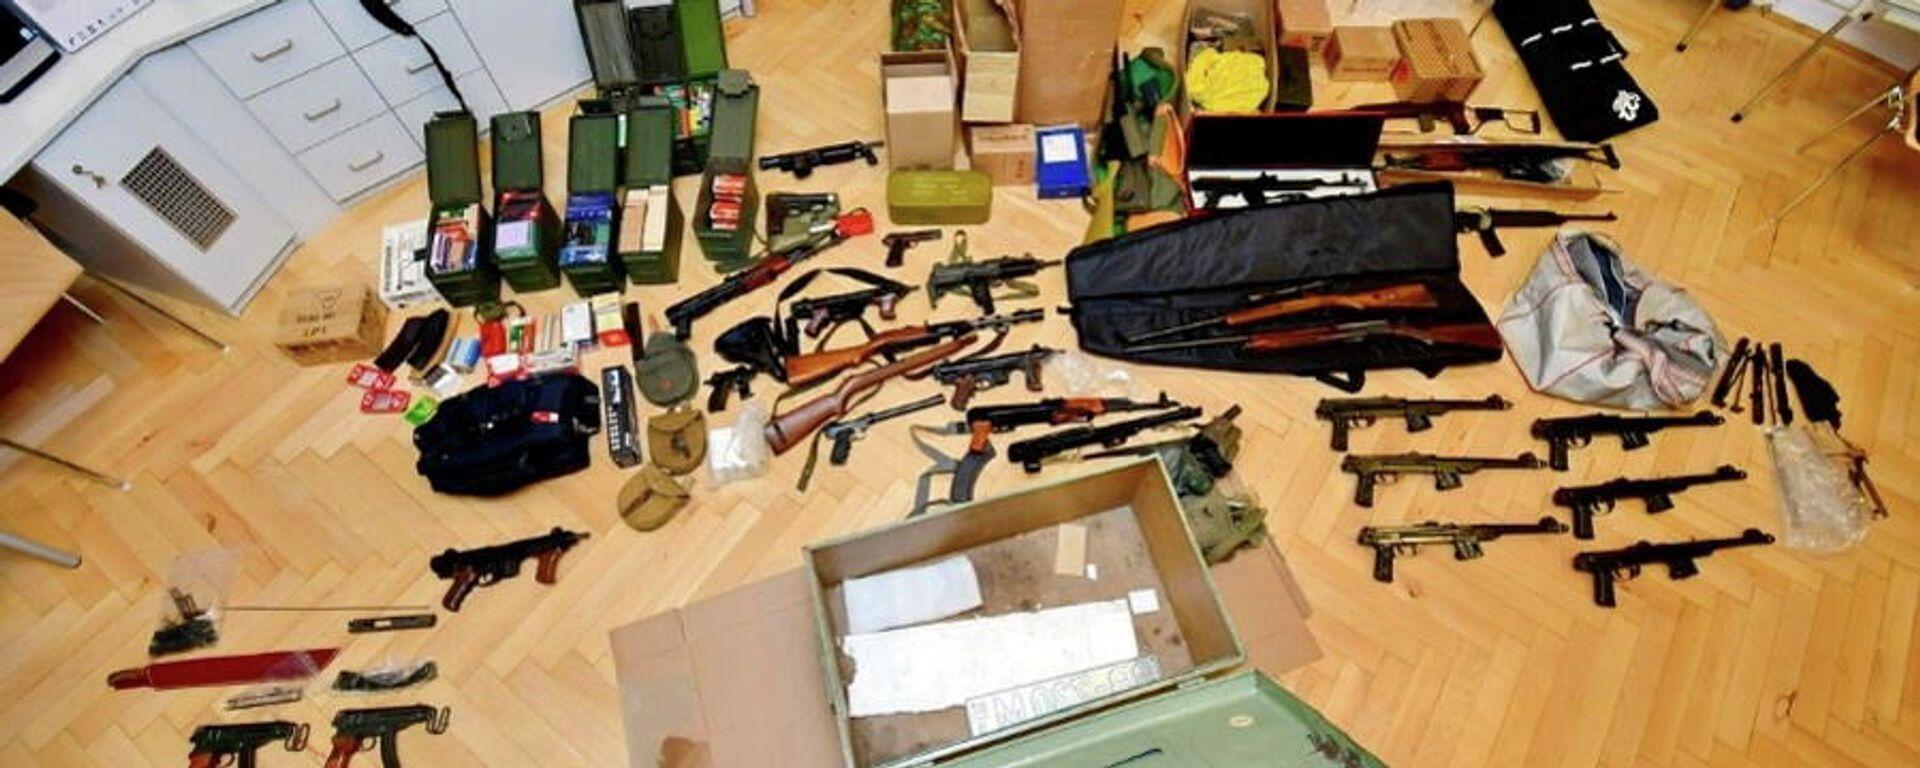 Die beschlagnahmten Waffen bei einer Polizeirazzia in Wien, Dezember 2020 - SNA, 1920, 16.12.2020